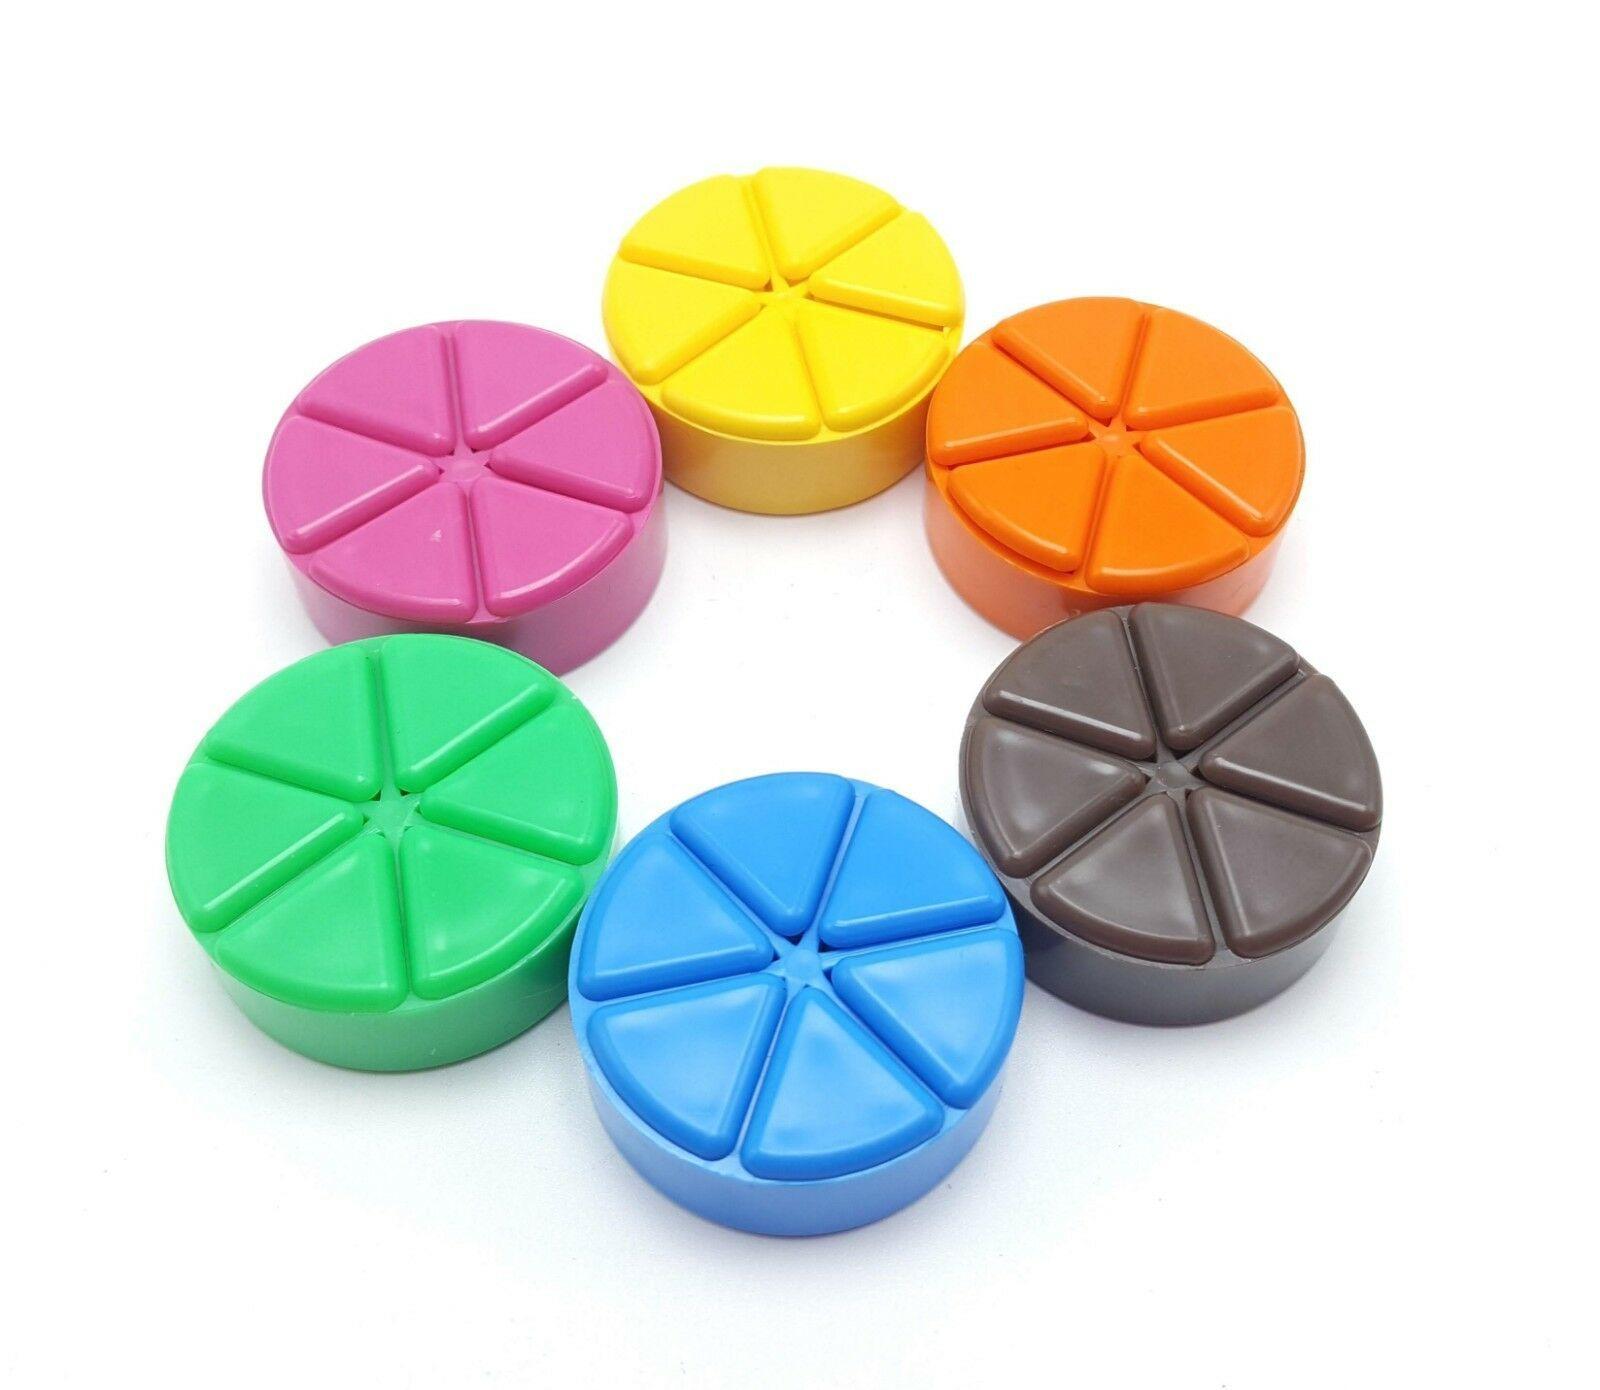 Trivial Pursuit Scoring Pie Wedge Replacement Game Token Pawn Set - $5.99